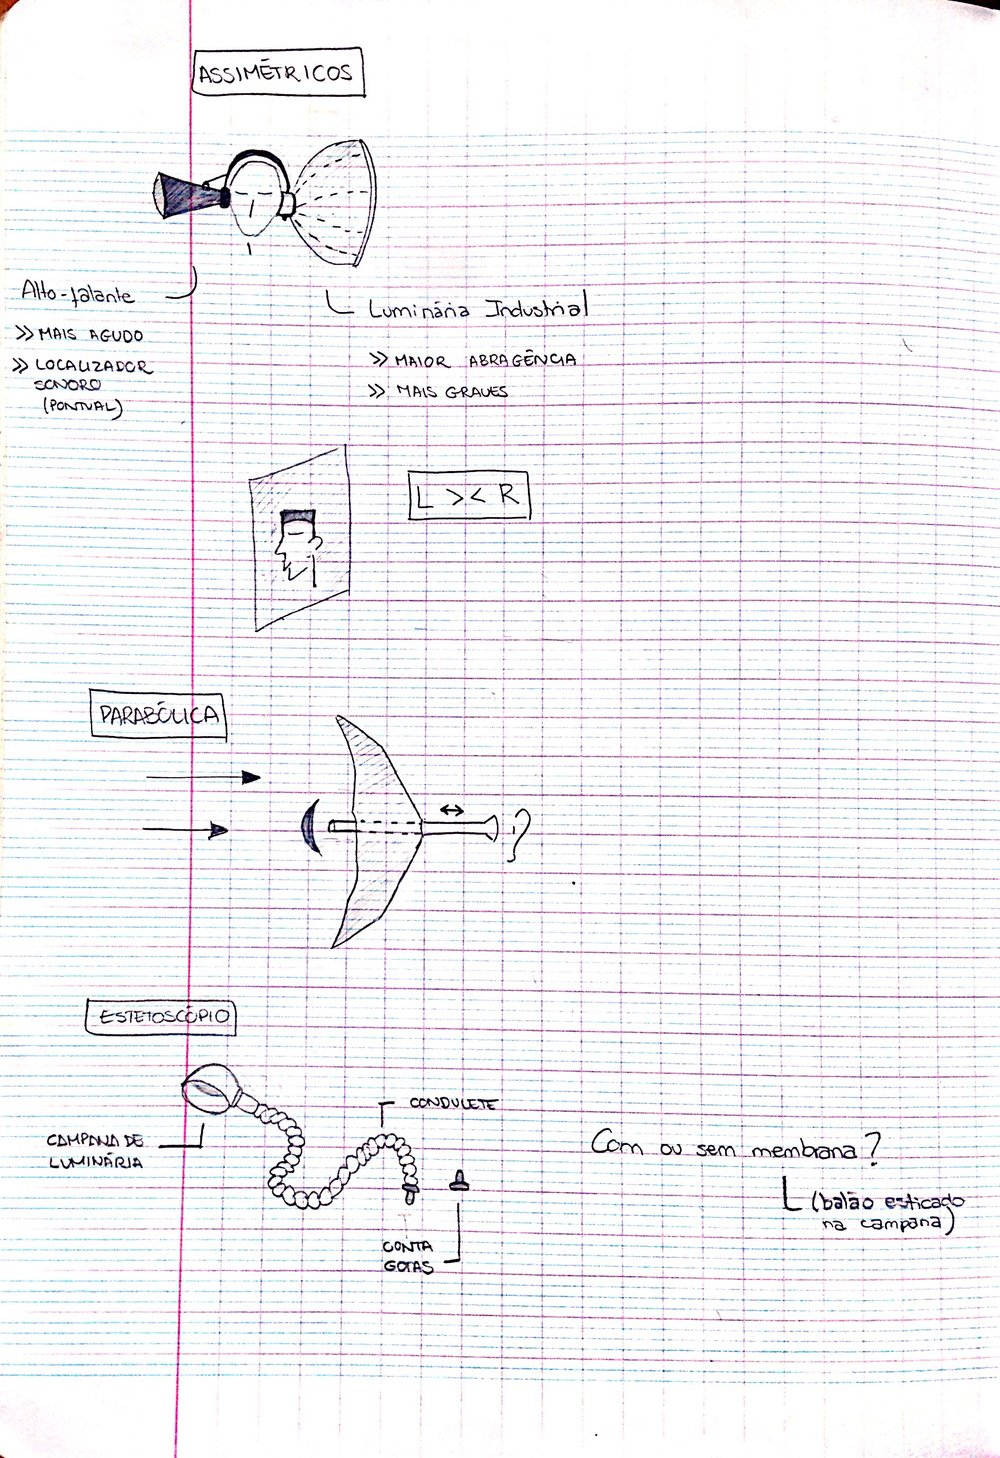 Novo Documento 1_1.jpg